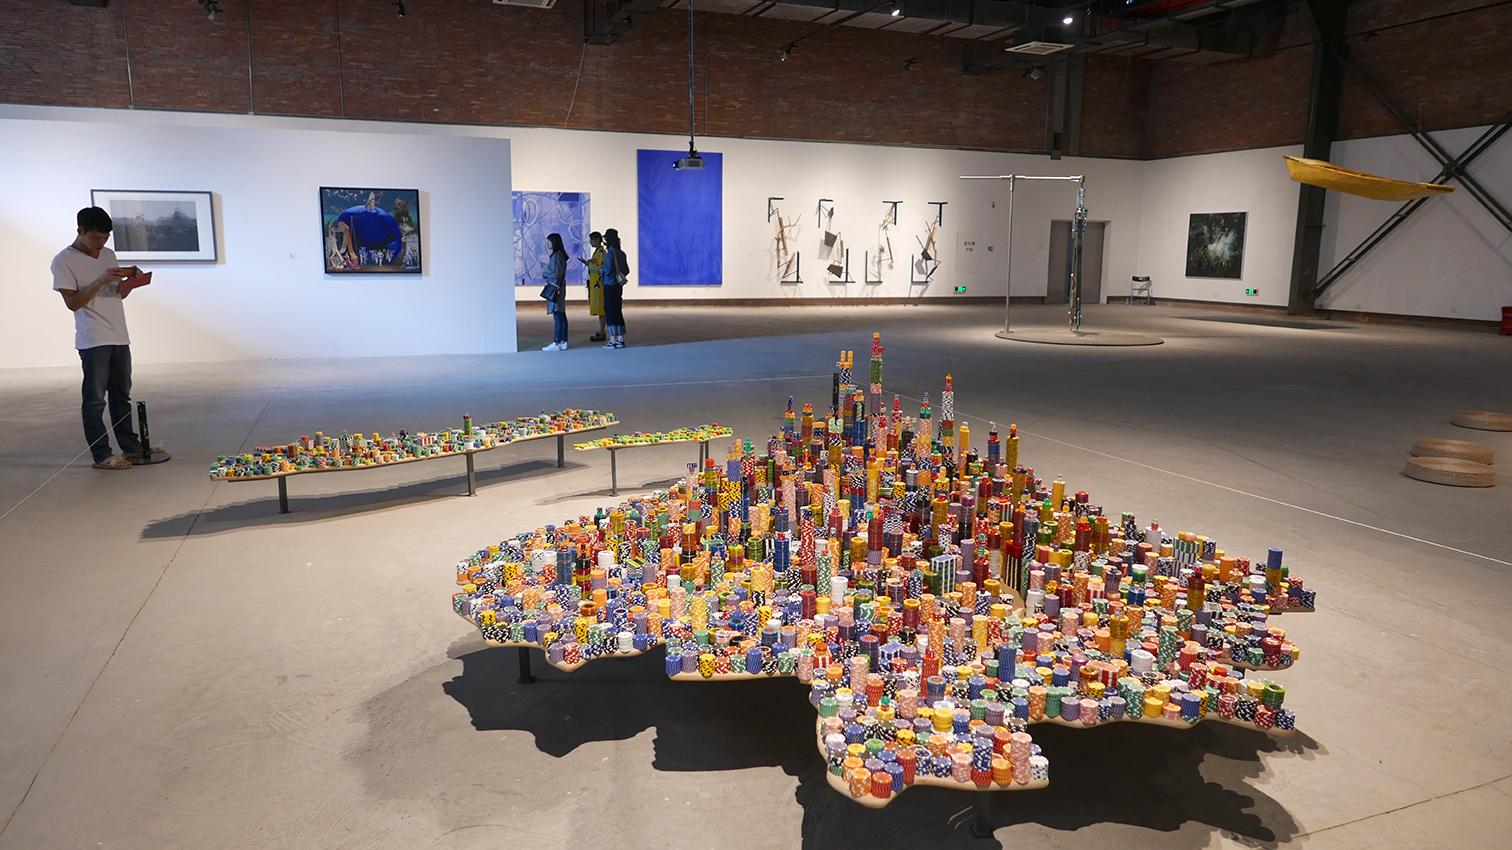 Biennale Shenzhen 2017